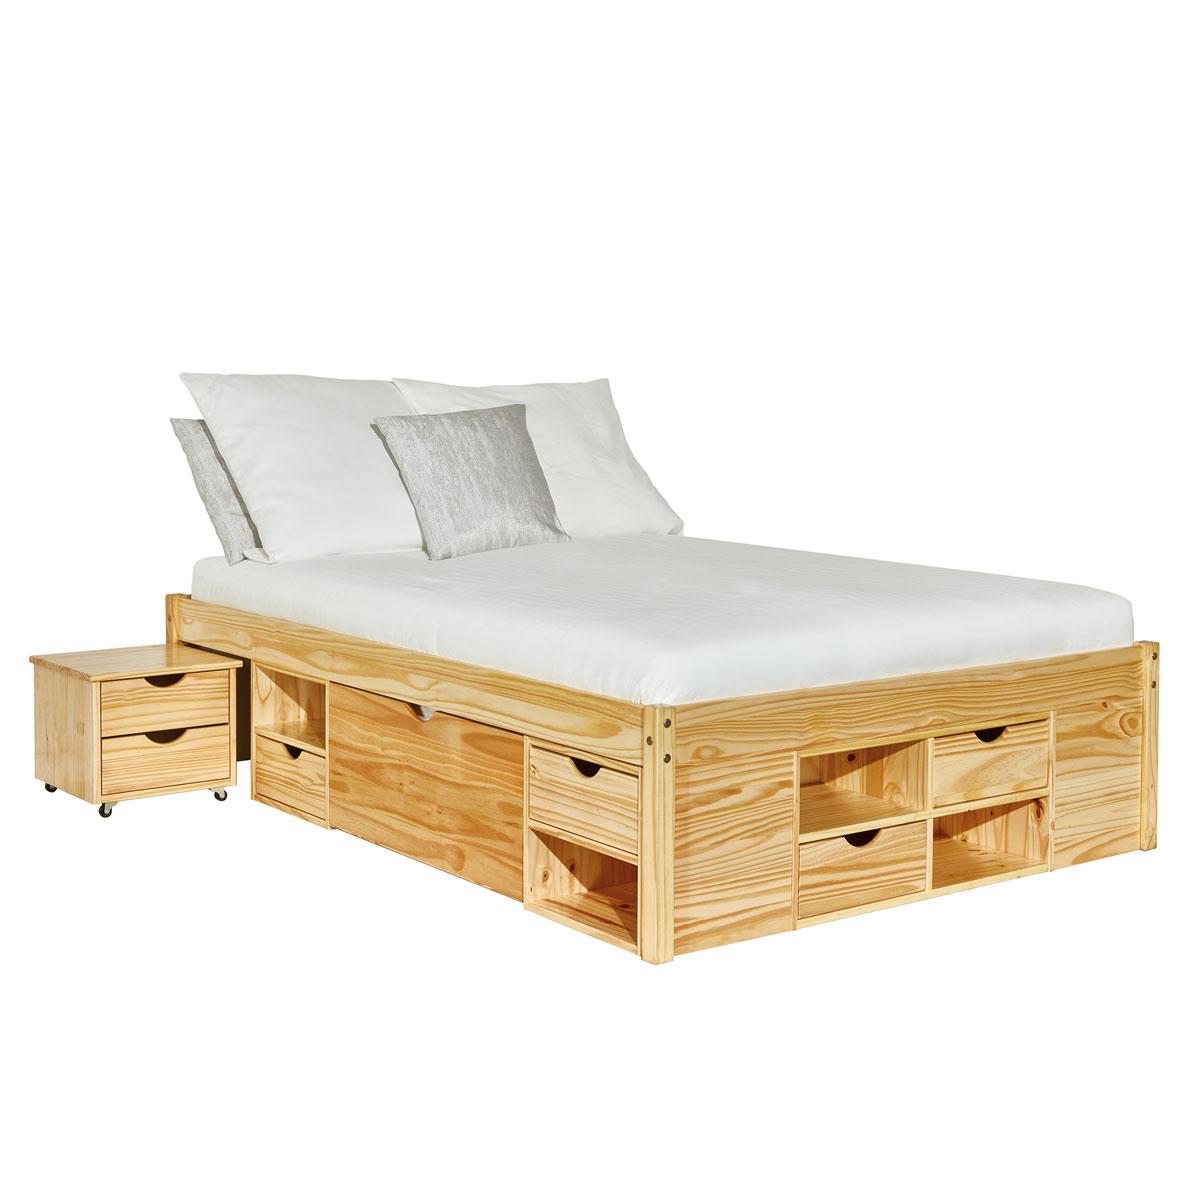 Full Size of Halbhochbett 140x200 Rollroste Preisvergleich Besten Angebote Online Kaufen Betten Weiß Bett Mit Matratze Und Lattenrost Sonoma Eiche Rauch Stauraum Wohnzimmer Halbhochbett 140x200